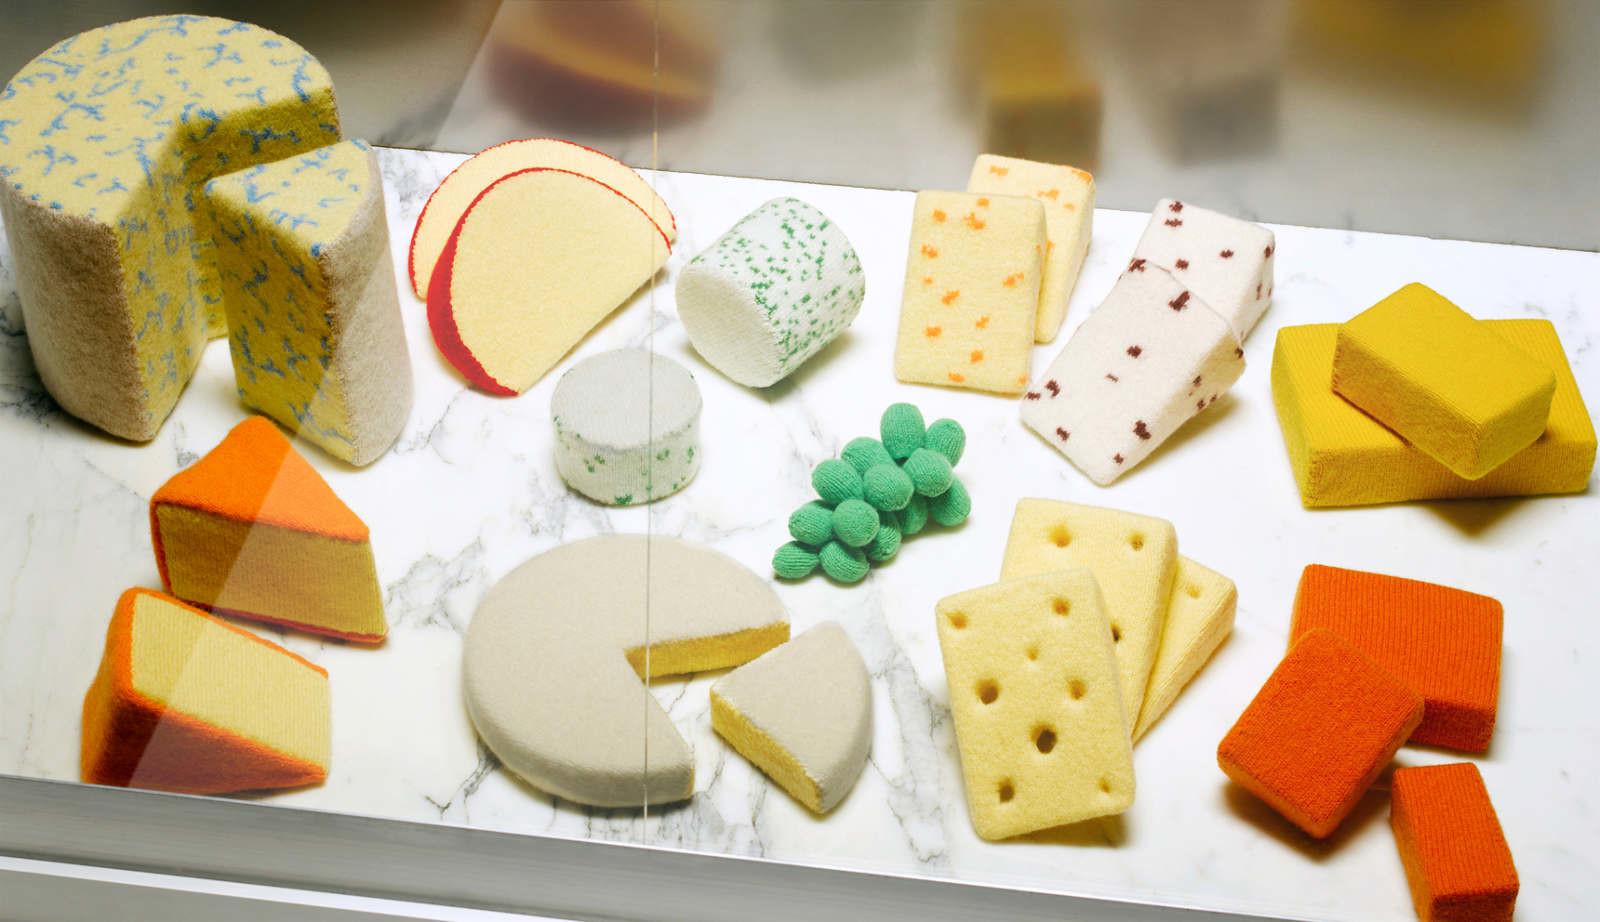 وجبات الصوف من صنع الفنانة جيسكا دانس تبدو وكأنها قابلة للأكل